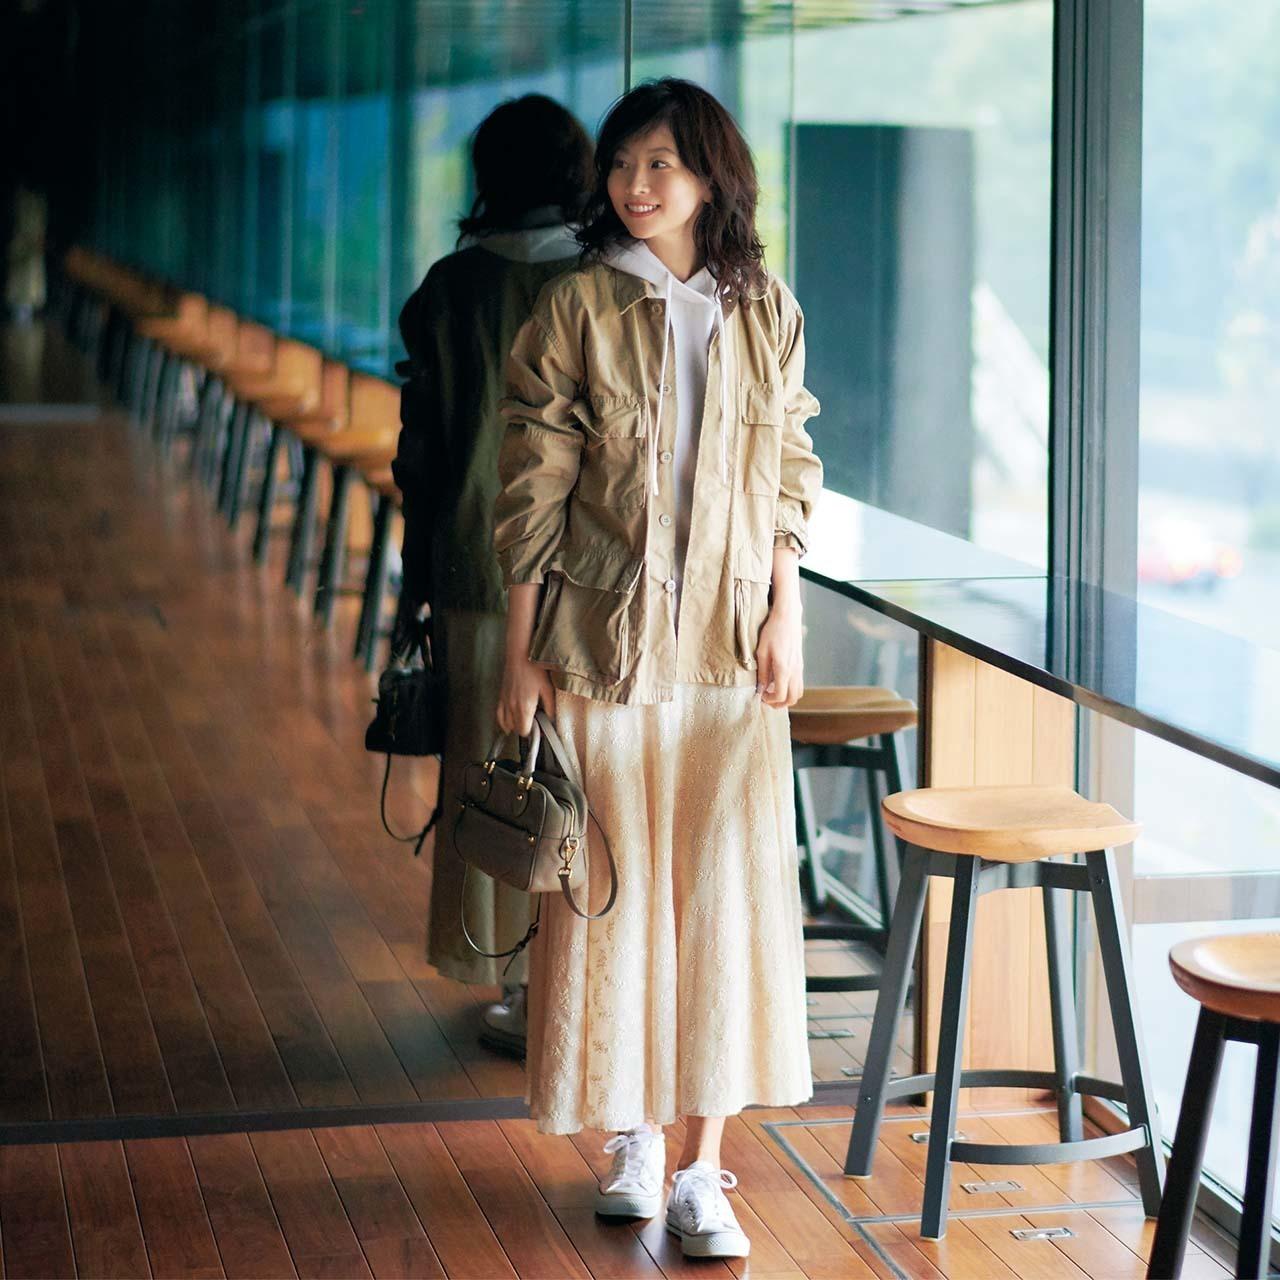 白コンバーススニーカー ローカット×ジャケット&レーススカートのファッションコーデ